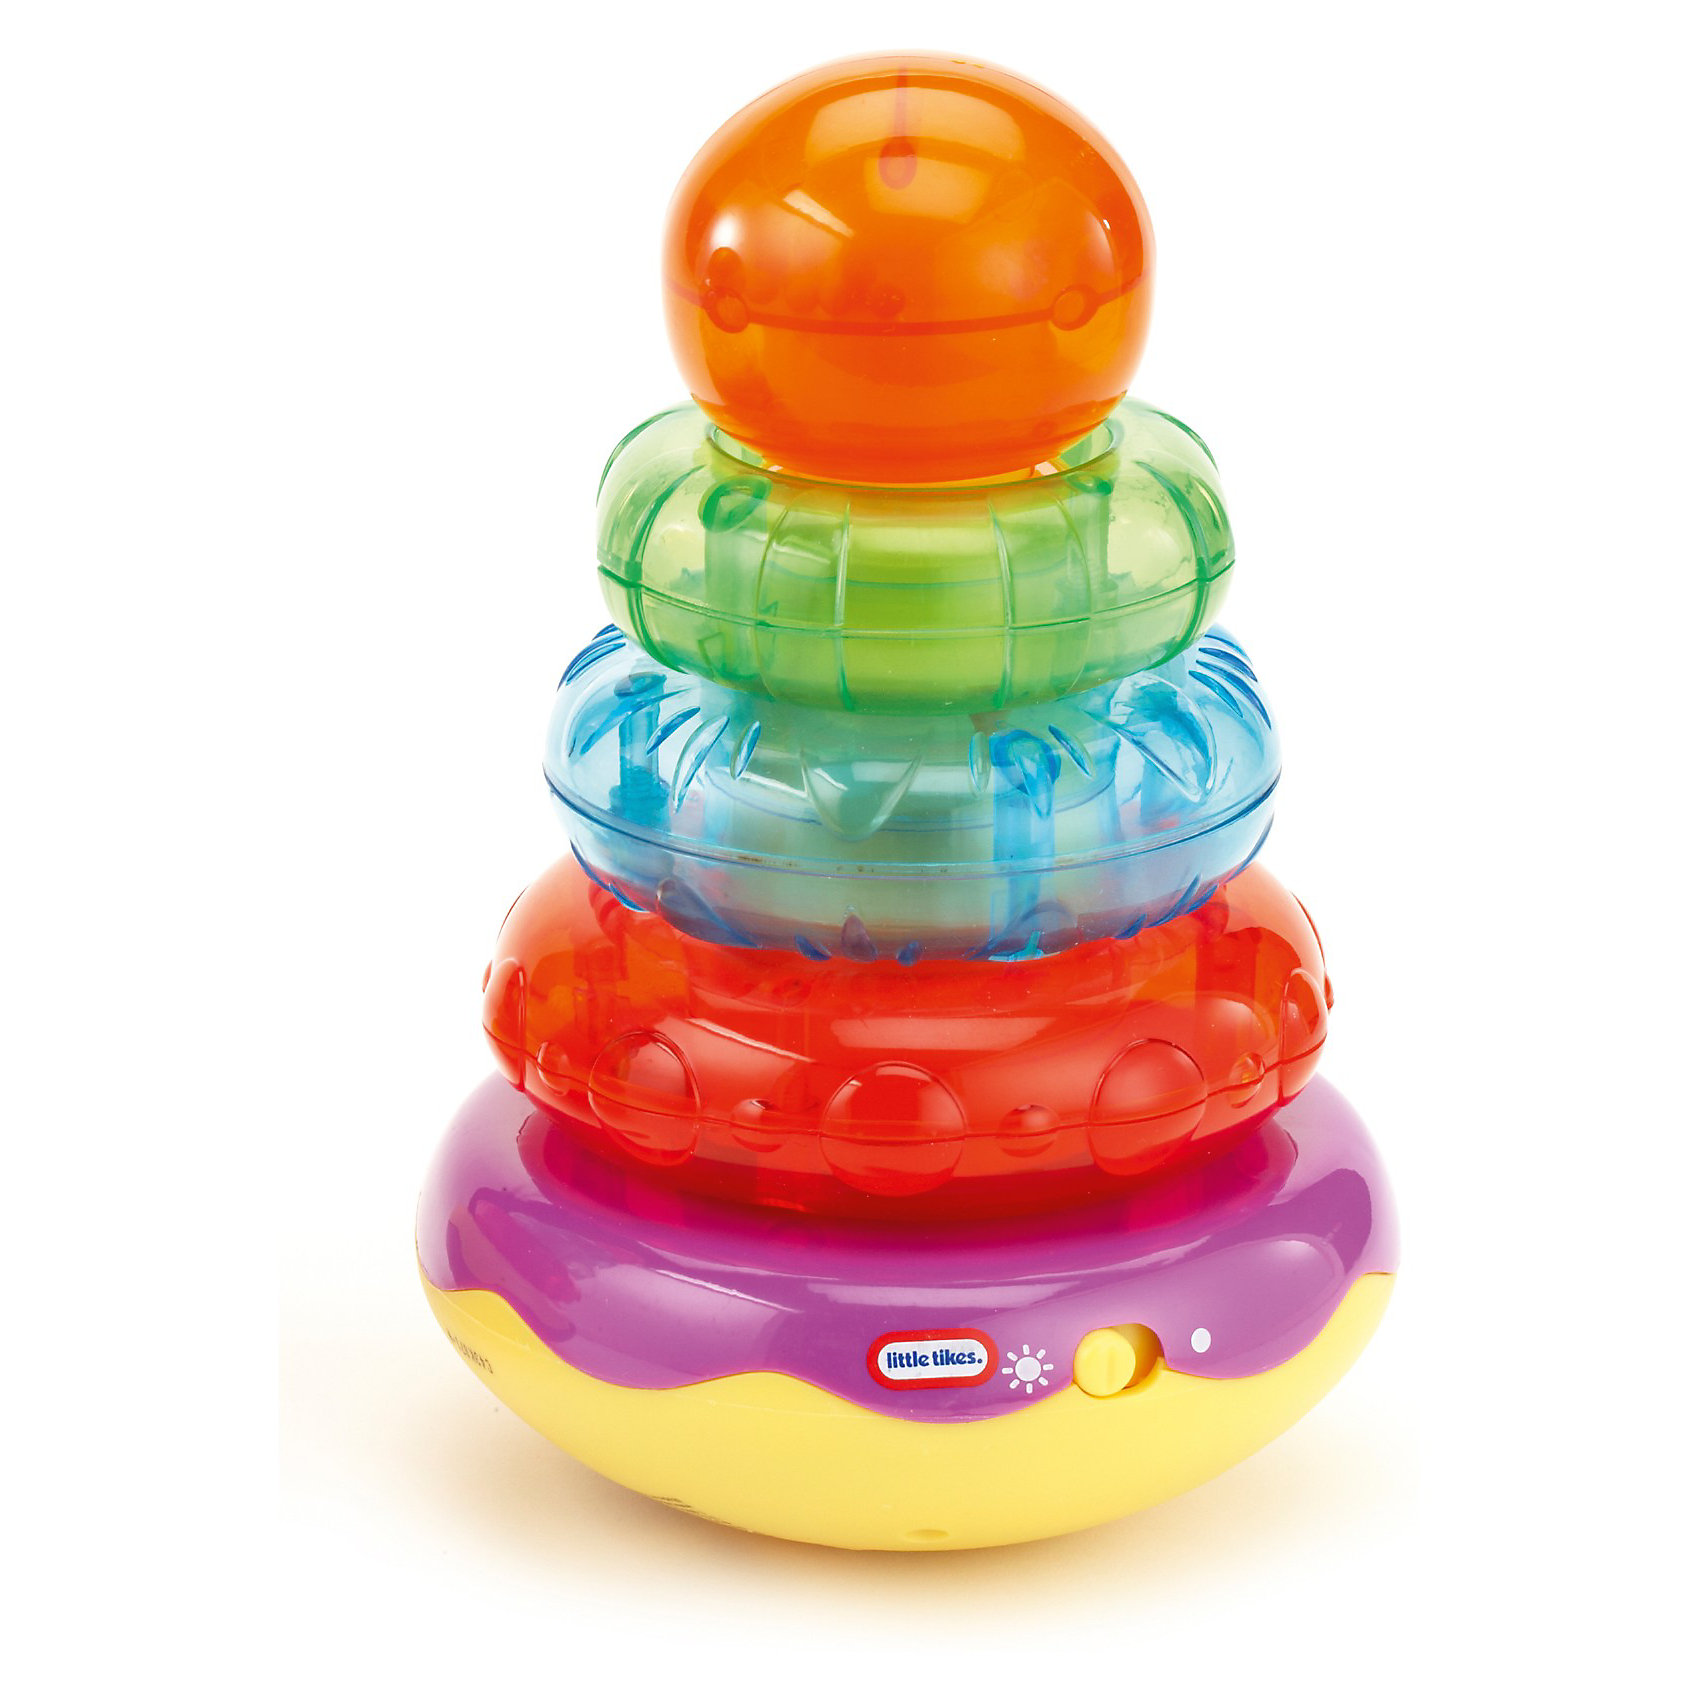 Пирамидка, со звуком,  Little TikesПирамидка, со звуком,  Little Tikes (Литл Тайкс) – это отличный подарок вашему ребенку.<br>Наблюдайте, как Ваш ребенок, складывая кольца, веселится из-за раздающих смешных звуков. Игра с пирамидкой помогает развивать моторные способности. Яркое оформление со световыми и звуковыми эффектами притягивает внимание детей.<br><br>Дополнительная информация:<br><br>- Возраст: для детей от 1,5 лет<br>- Размер: 15 х 22,5 х 14 см.<br>- Вес: 619 гр.<br>- Требуются батарейки 2шт. типа АА (в комплект не входят)<br><br>Пирамидку, со звуком,  Little Tikes (Литл Тайкс) можно купить в нашем интернет-магазине.<br><br>Ширина мм: 140<br>Глубина мм: 150<br>Высота мм: 230<br>Вес г: 619<br>Возраст от месяцев: 18<br>Возраст до месяцев: 36<br>Пол: Унисекс<br>Возраст: Детский<br>SKU: 3624965